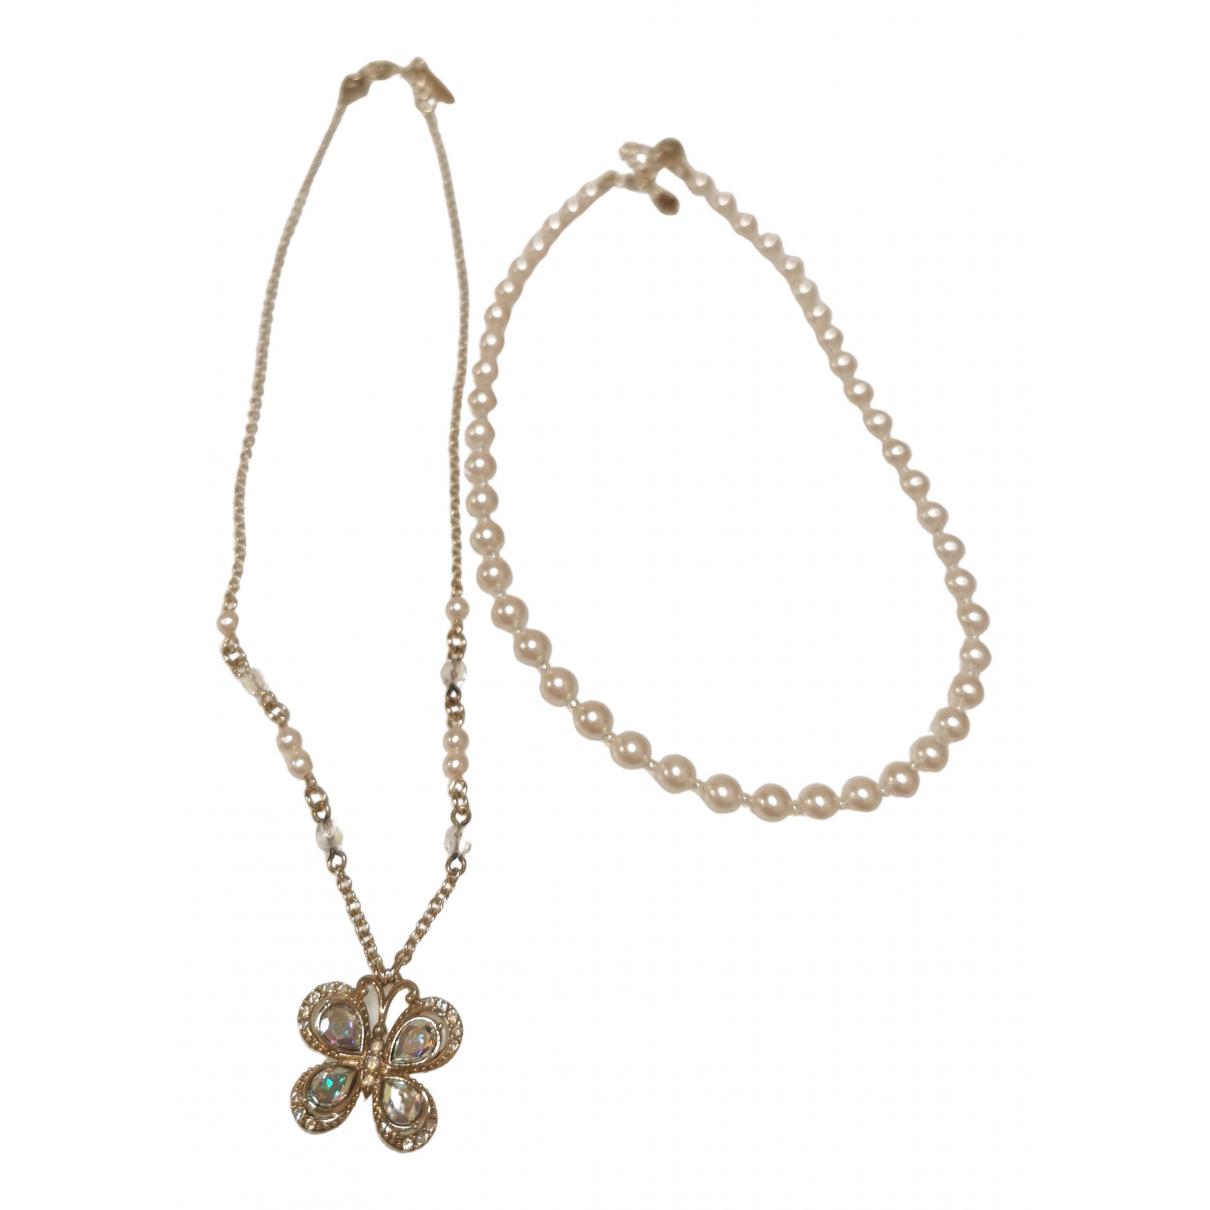 Collar Anna Sui